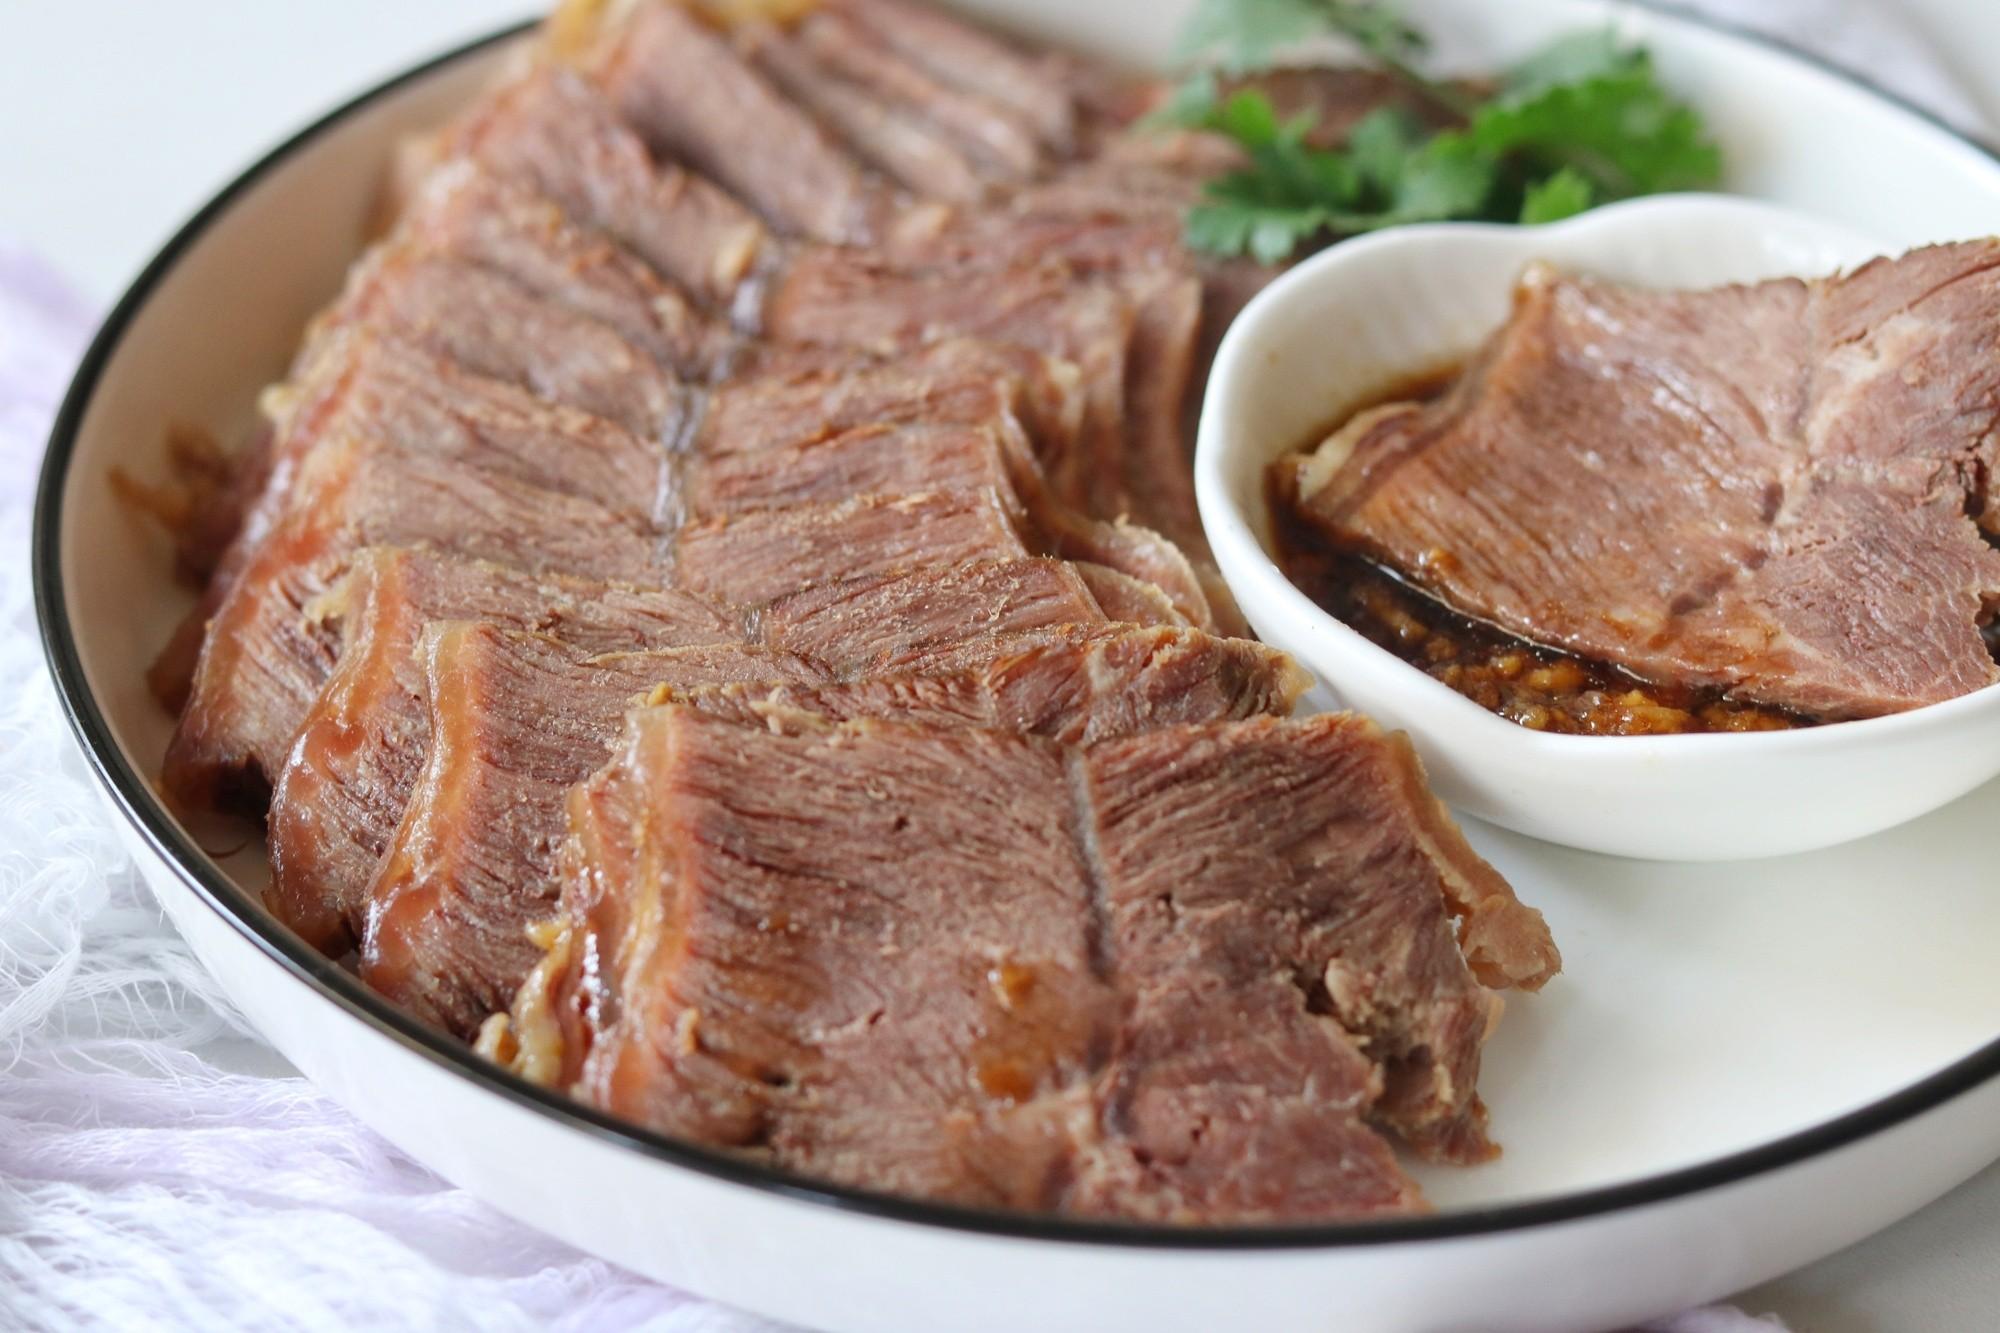 好吃到舔盘的卤牛肉的步骤